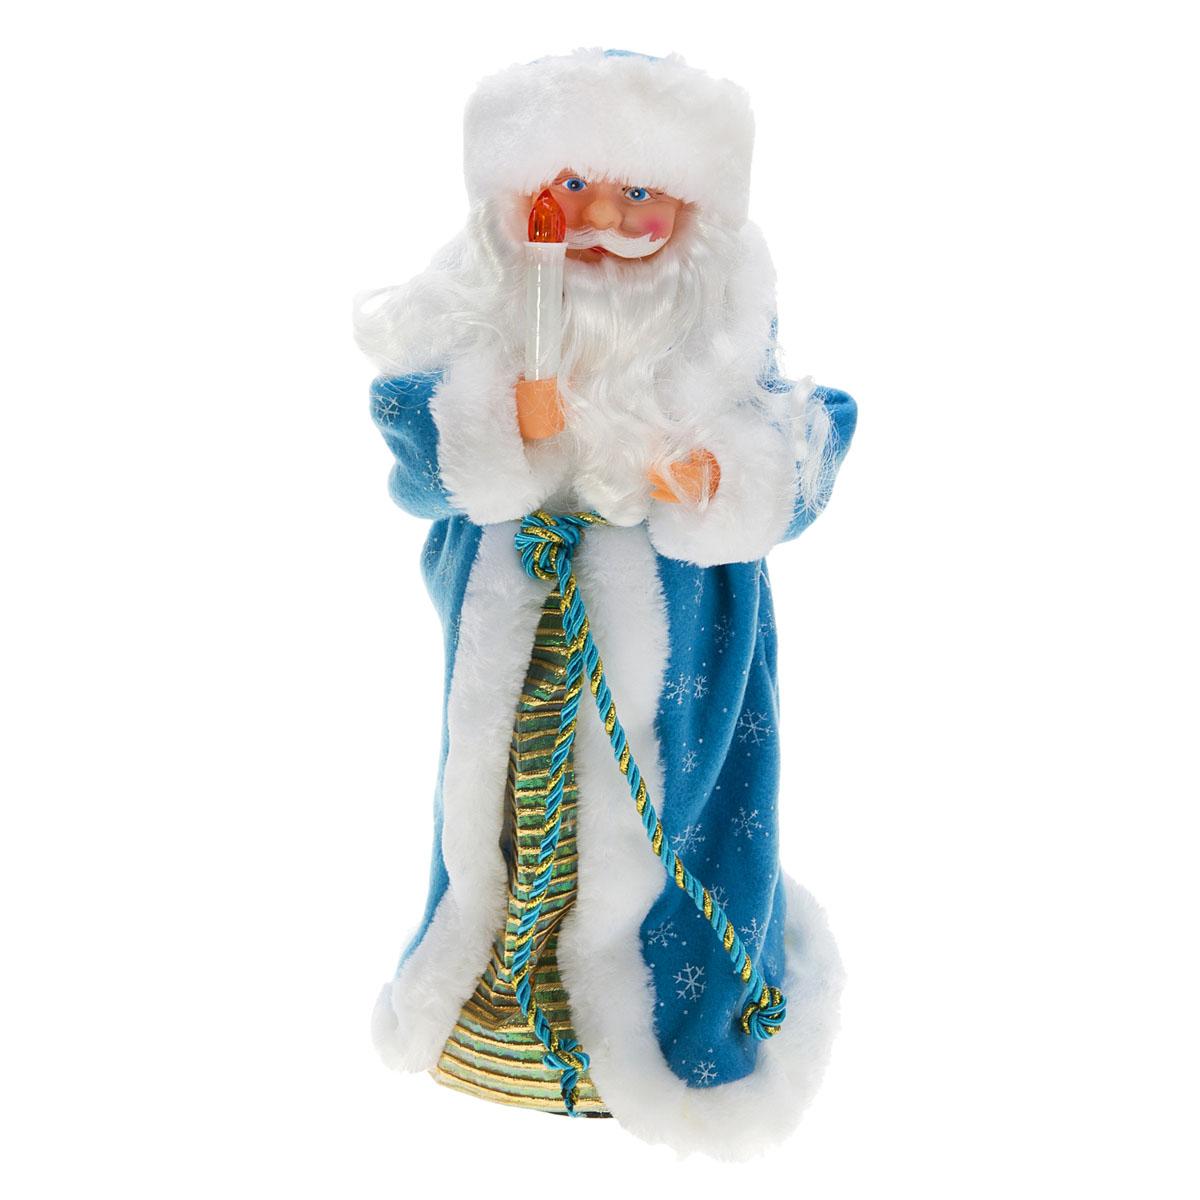 Новогодняя декоративная фигурка Sima-land Дед Мороз, анимированная, высота 38 см. 827808827808Новогодняя декоративная фигурка выполнена из высококачественного пластика в виде Деда Мороза. Дед Мороз одет в шубу с опушкой, украшенную снежинками. На голове шапка в цвет шубы. В руке Дед Мороз держит свечку. Фигурка стоит на подставке. Особенностью фигурки является наличие механизма, при включении которого играет мелодия, свечка светится, а голова и руки куклы начинают двигаться. Его добрый вид и очаровательная улыбка притягивают к себе восторженные взгляды. Декоративная фигурка Дед Мороз подойдет для оформления новогоднего интерьера и принесет с собой атмосферу радости и веселья. УВАЖАЕМЫЕ КЛИЕНТЫ! Обращаем ваше внимание на тот факт, что декоративная фигурка работает от трех батареек типа АА/R6/AM3 напряжением 1,5V. Батарейки в комплект не входят.